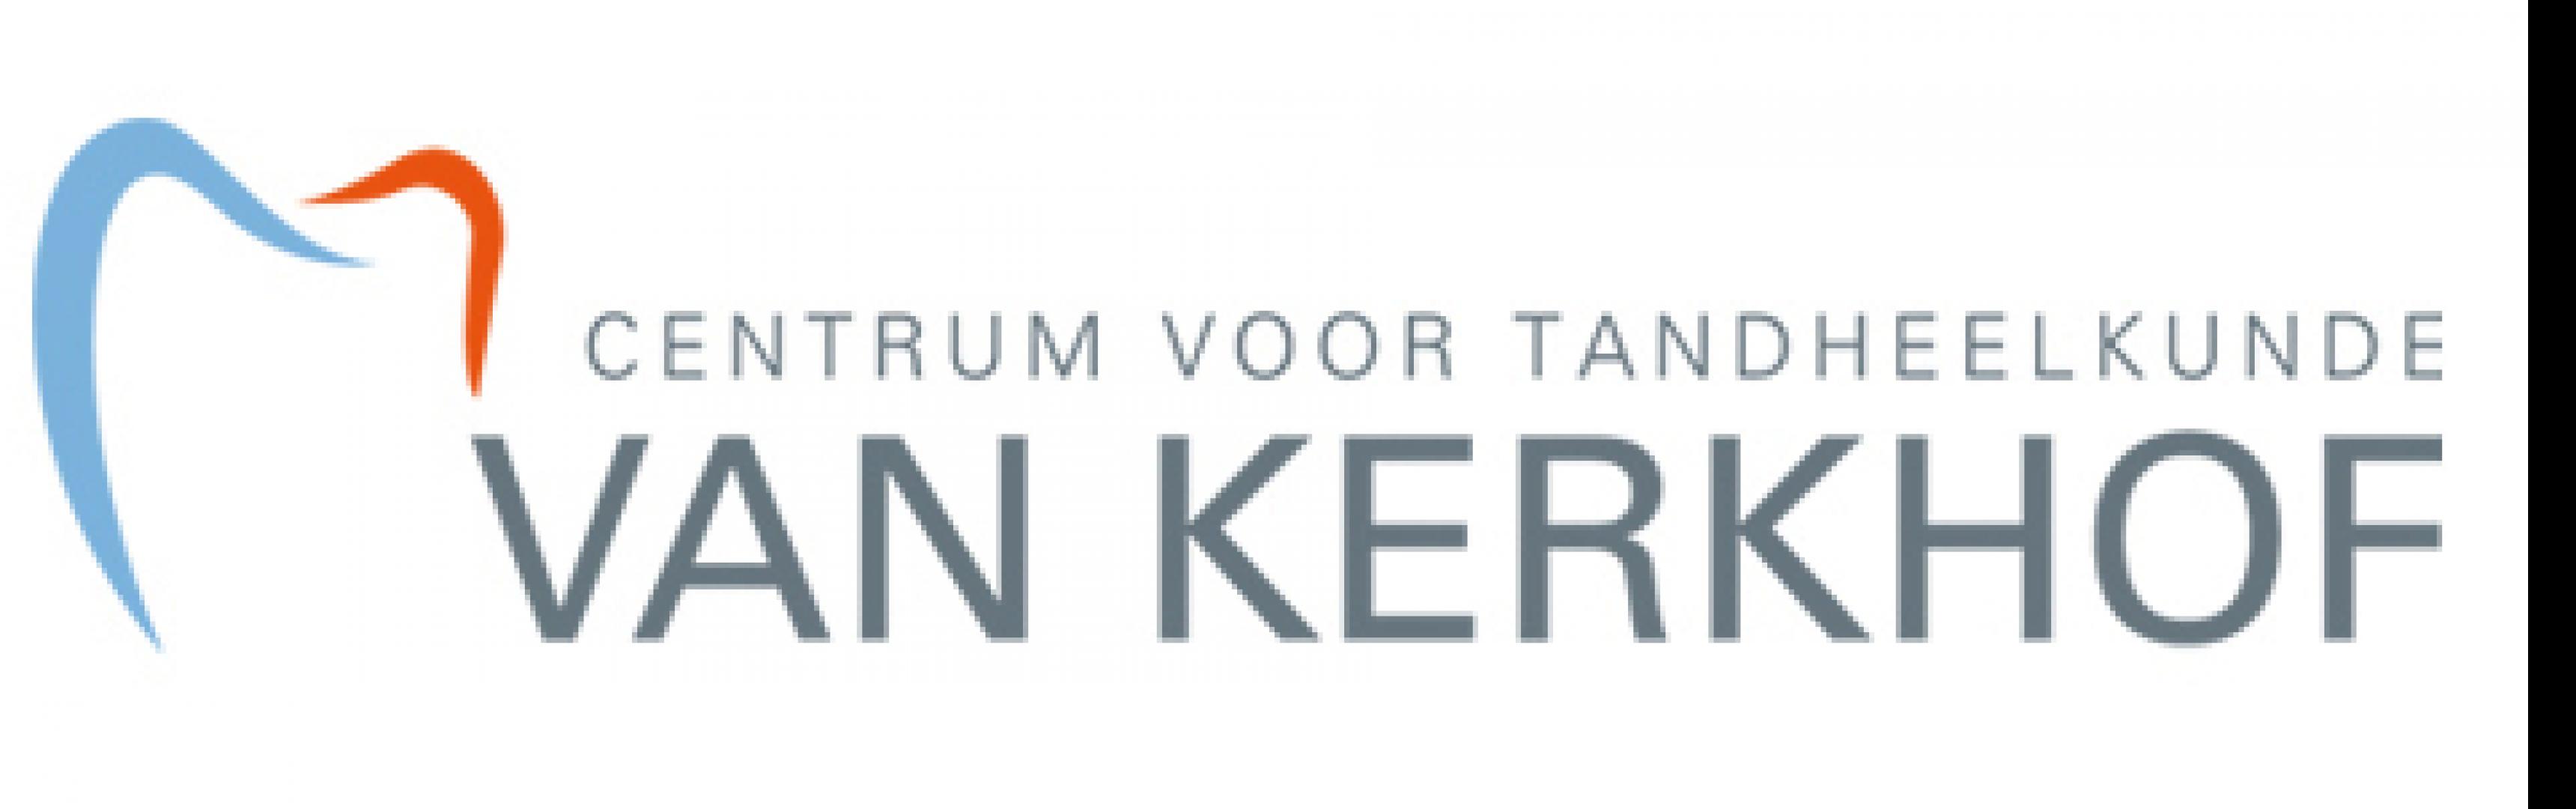 Centrum voor Tandheelkunde Van Kerkhof